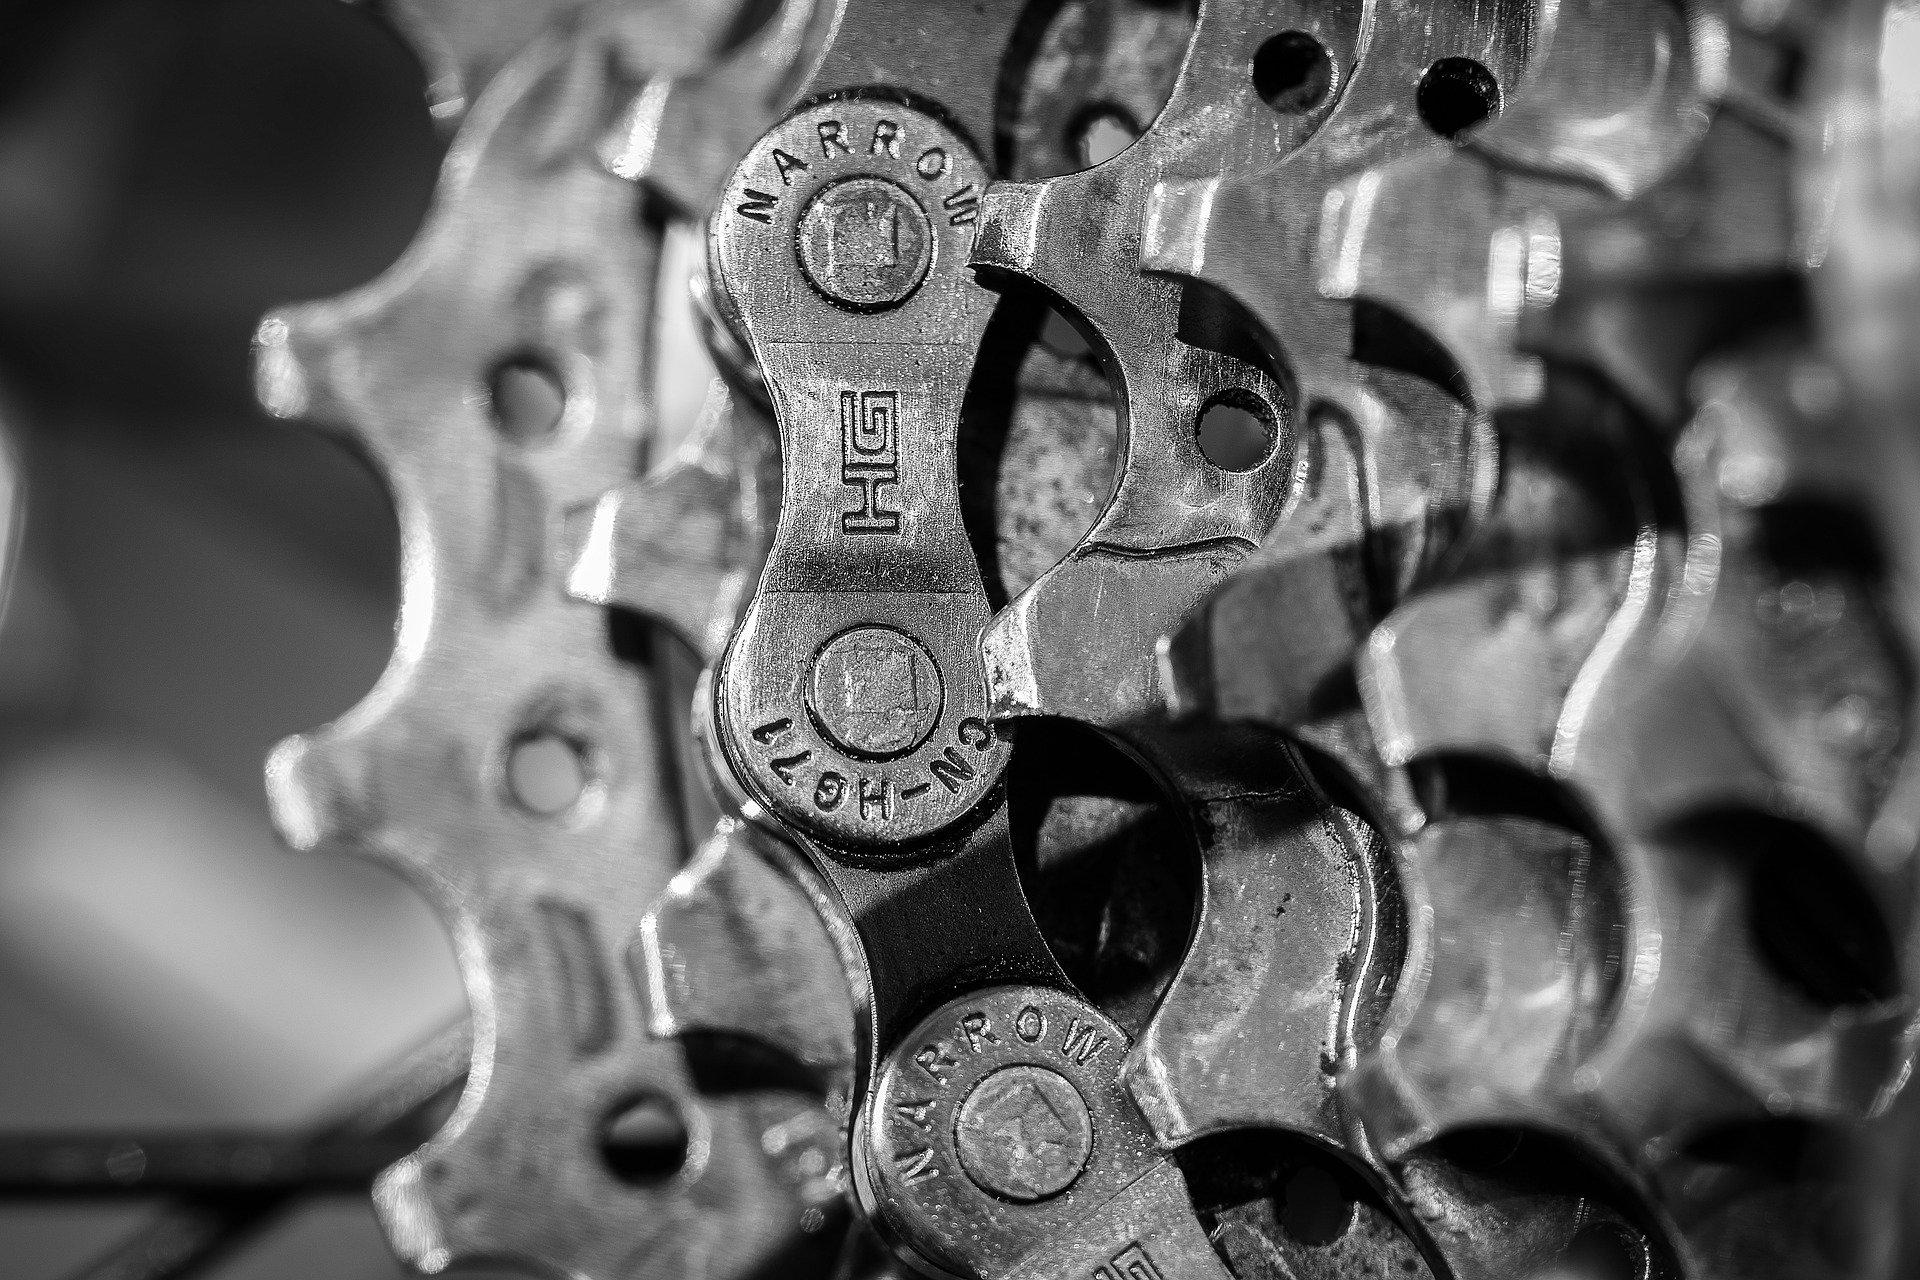 Kolarstwo dla kobiet: czy potrzebuję perfekcyjnie dopasowanego roweru?